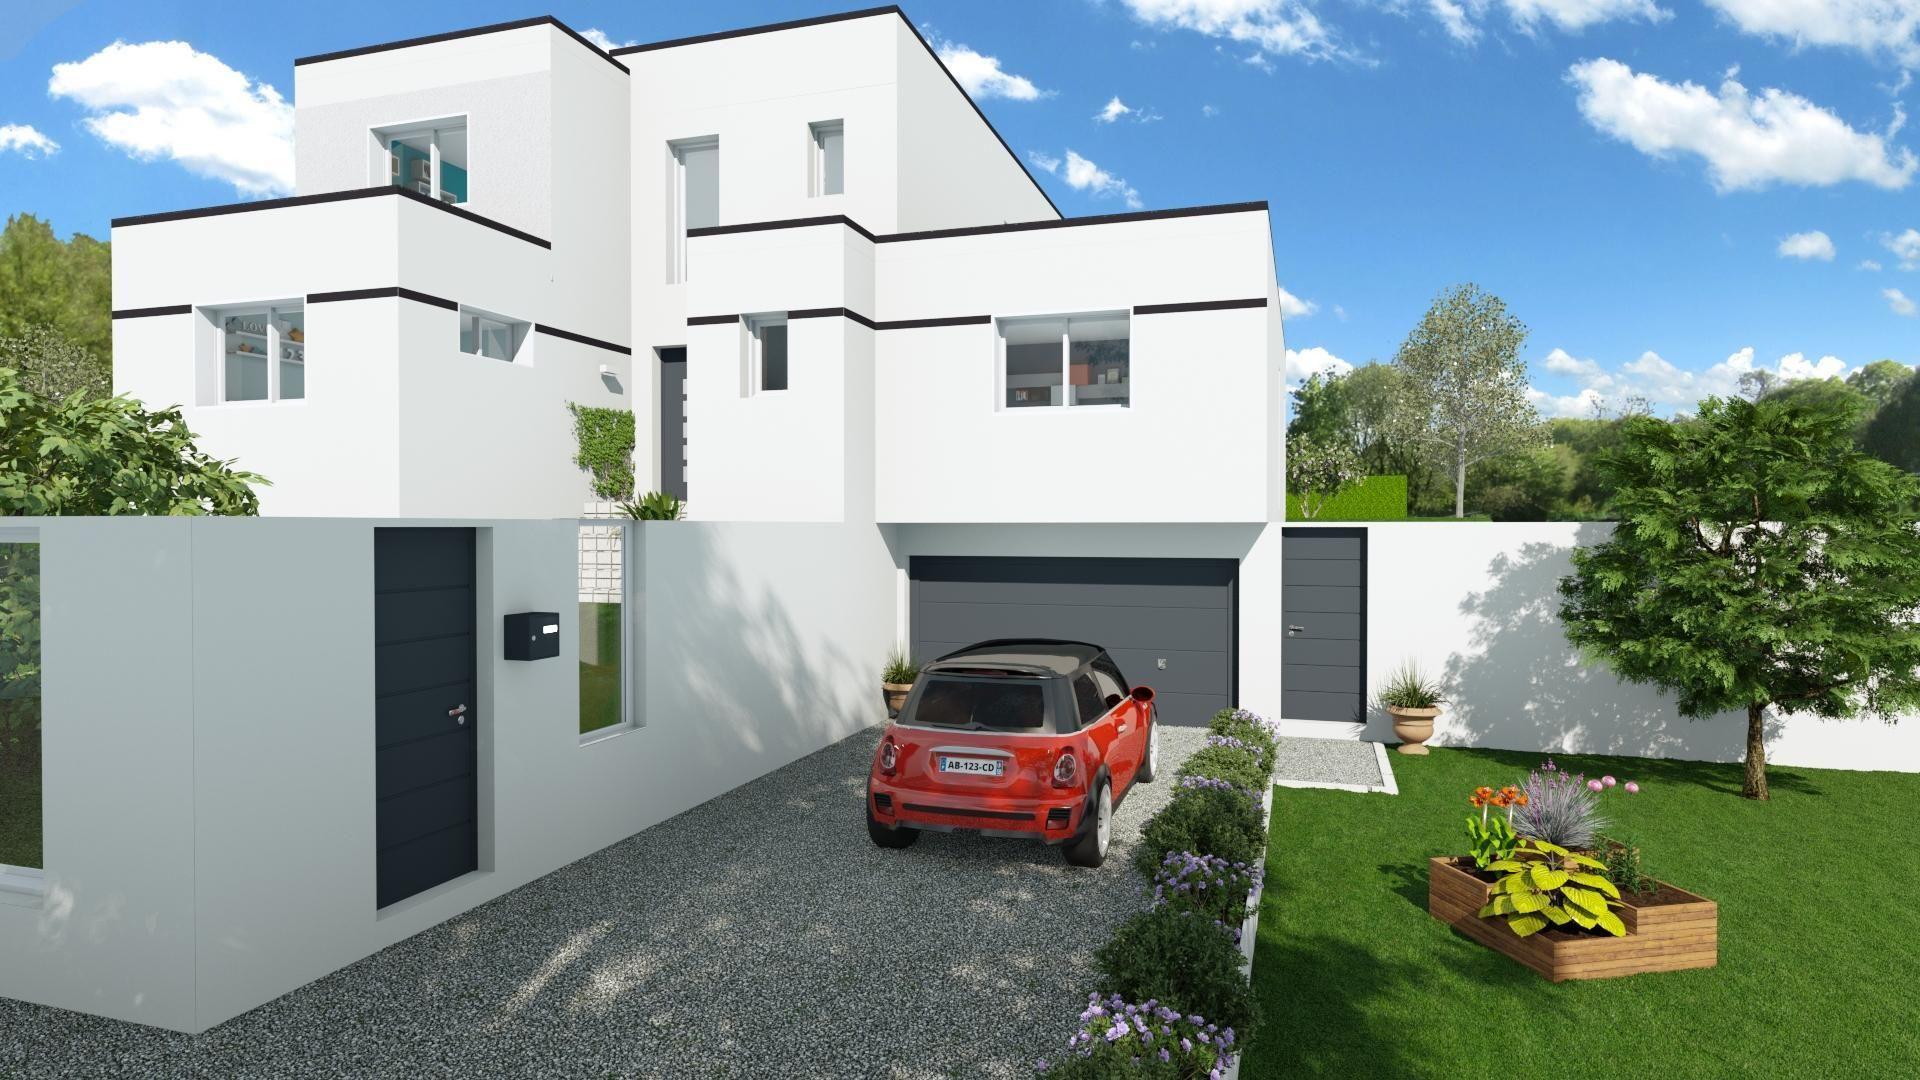 ext rieur maison d 39 architecte 3d perspective 3d extraite du logiciel d 39 aide la vente cedreo. Black Bedroom Furniture Sets. Home Design Ideas